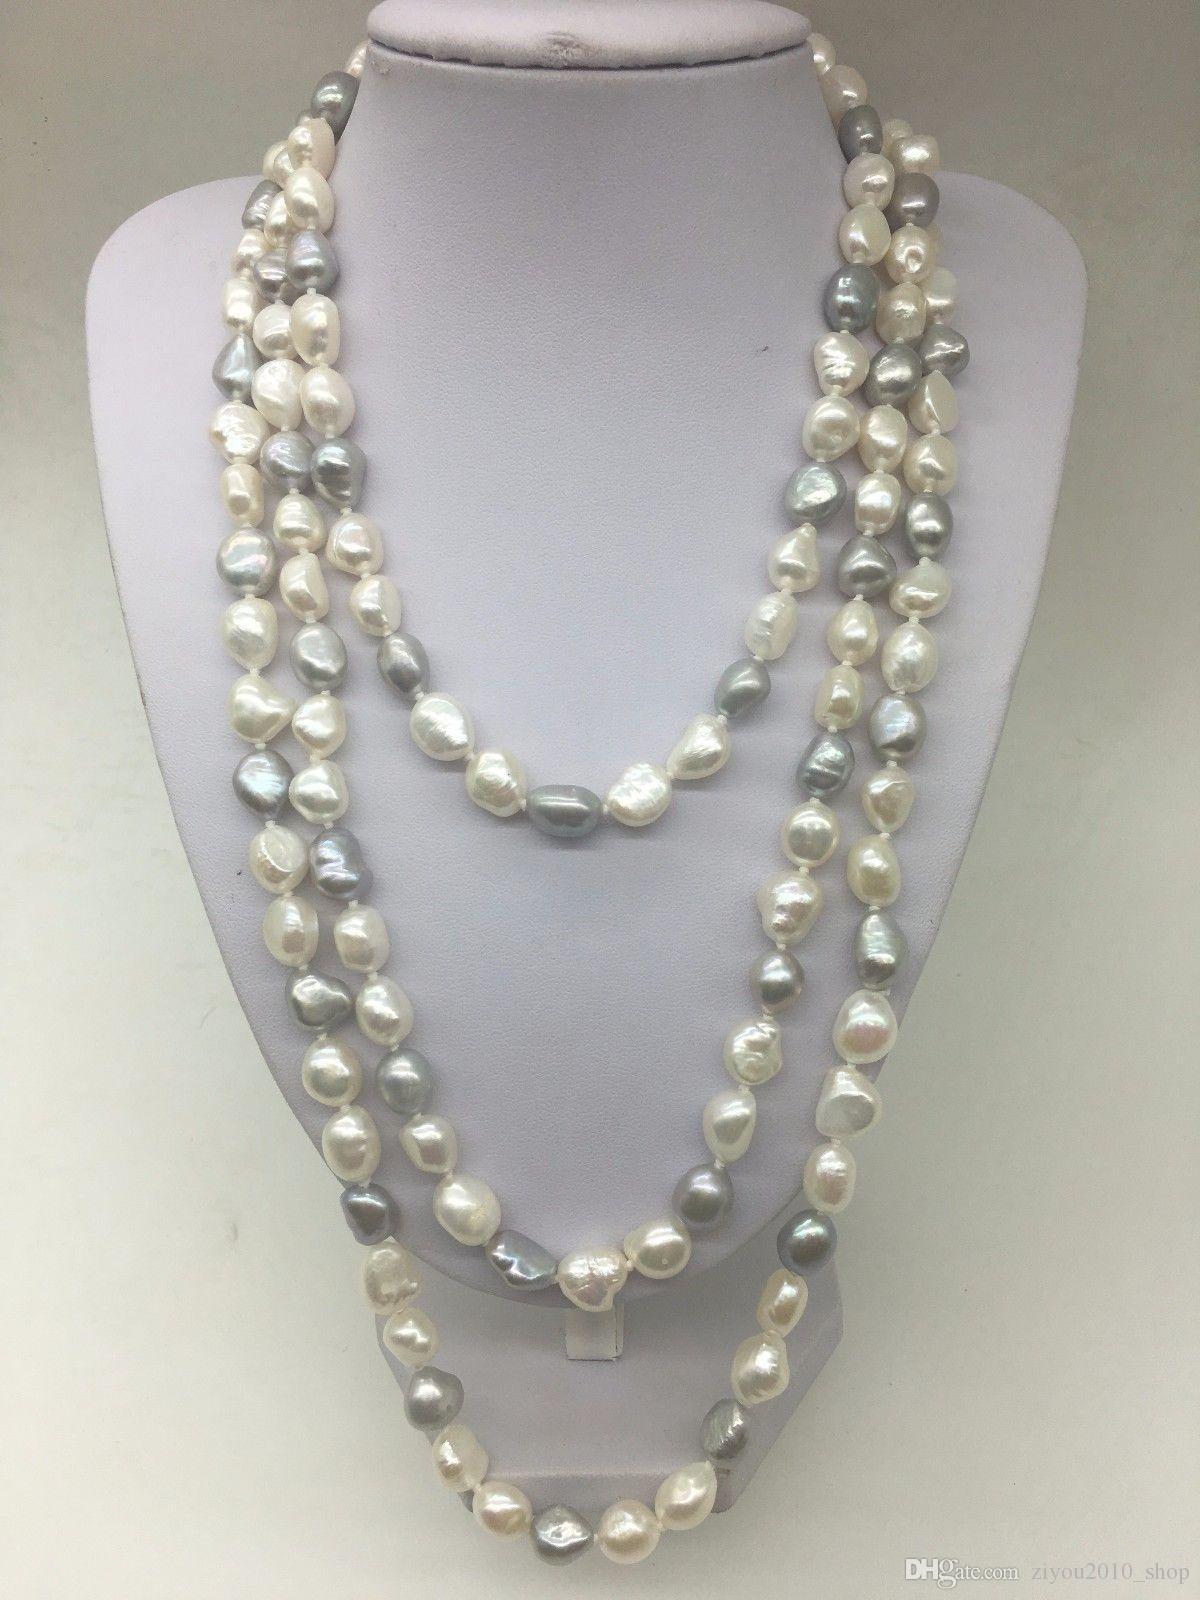 Bella mano a mano bianco grigio barocco perle d'acqua dolce naturale reale involucro collana di gioielli moda lungo 160 centimetri